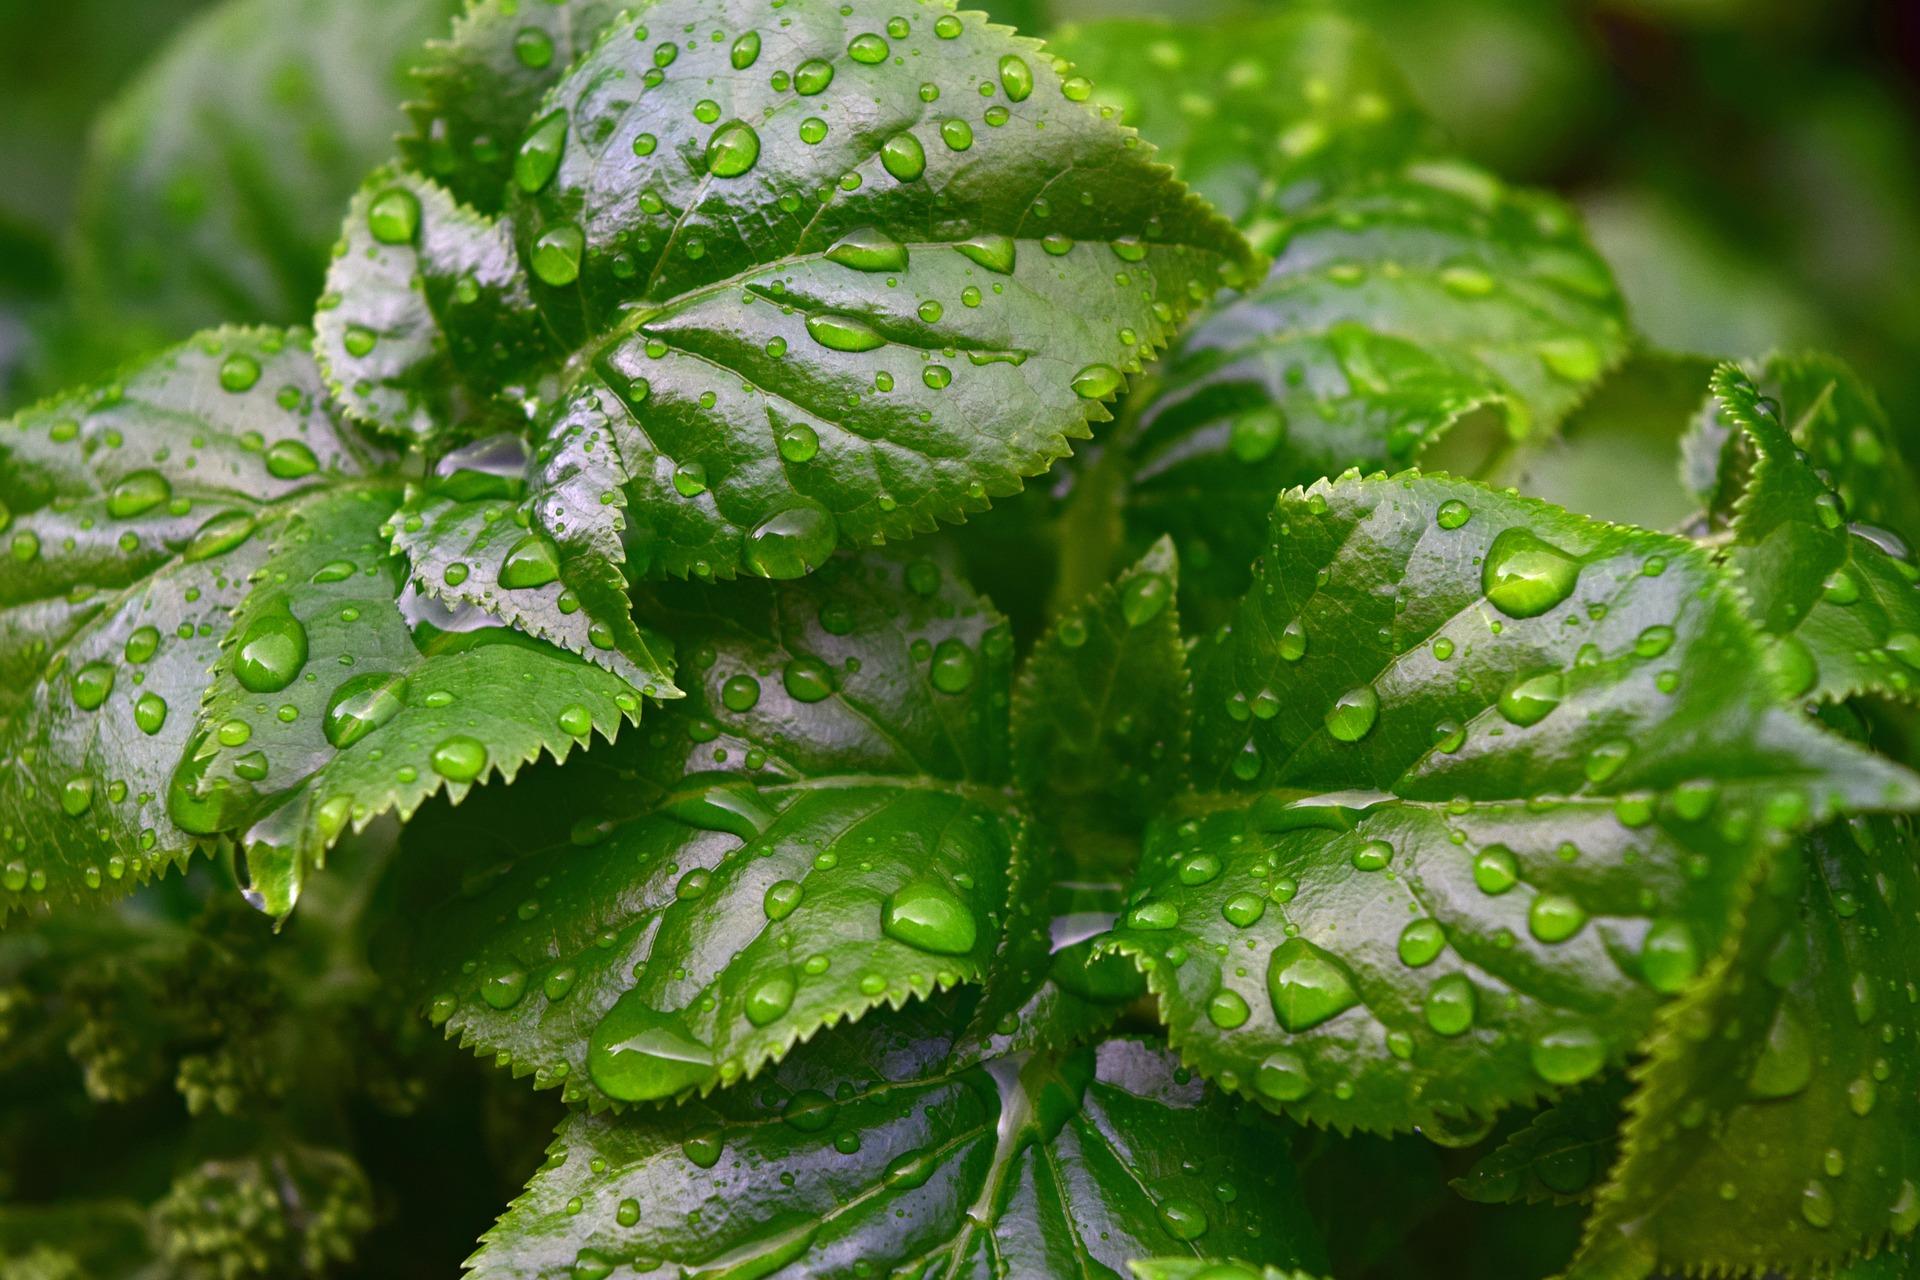 7.因為被雨浸濕 而變得色彩濃烈的自然世界 強烈的顏色對比與水珠的效果顯現的效果令人難忘